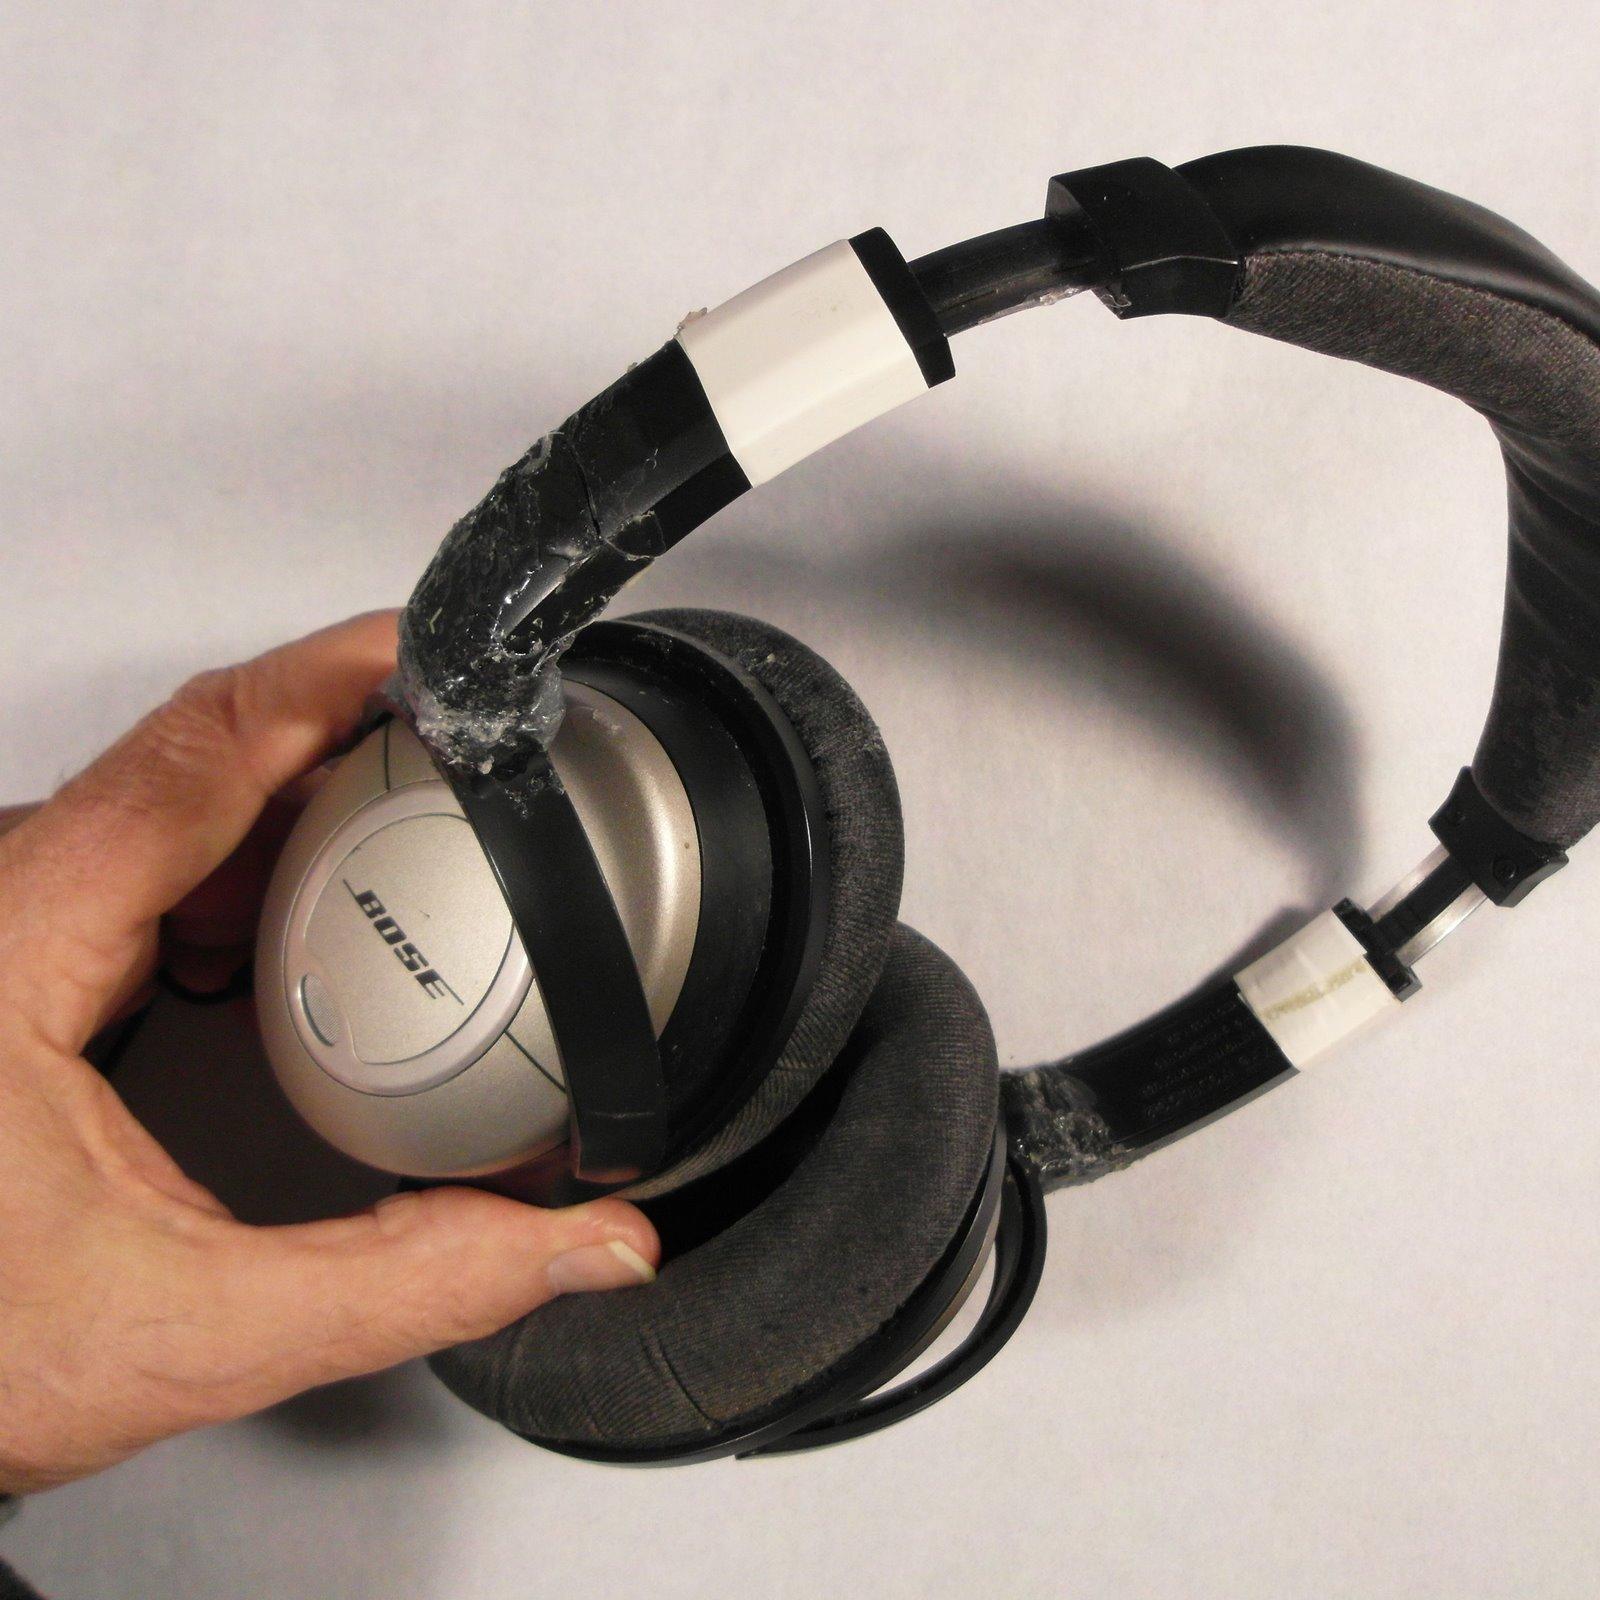 Broken Bose headphones